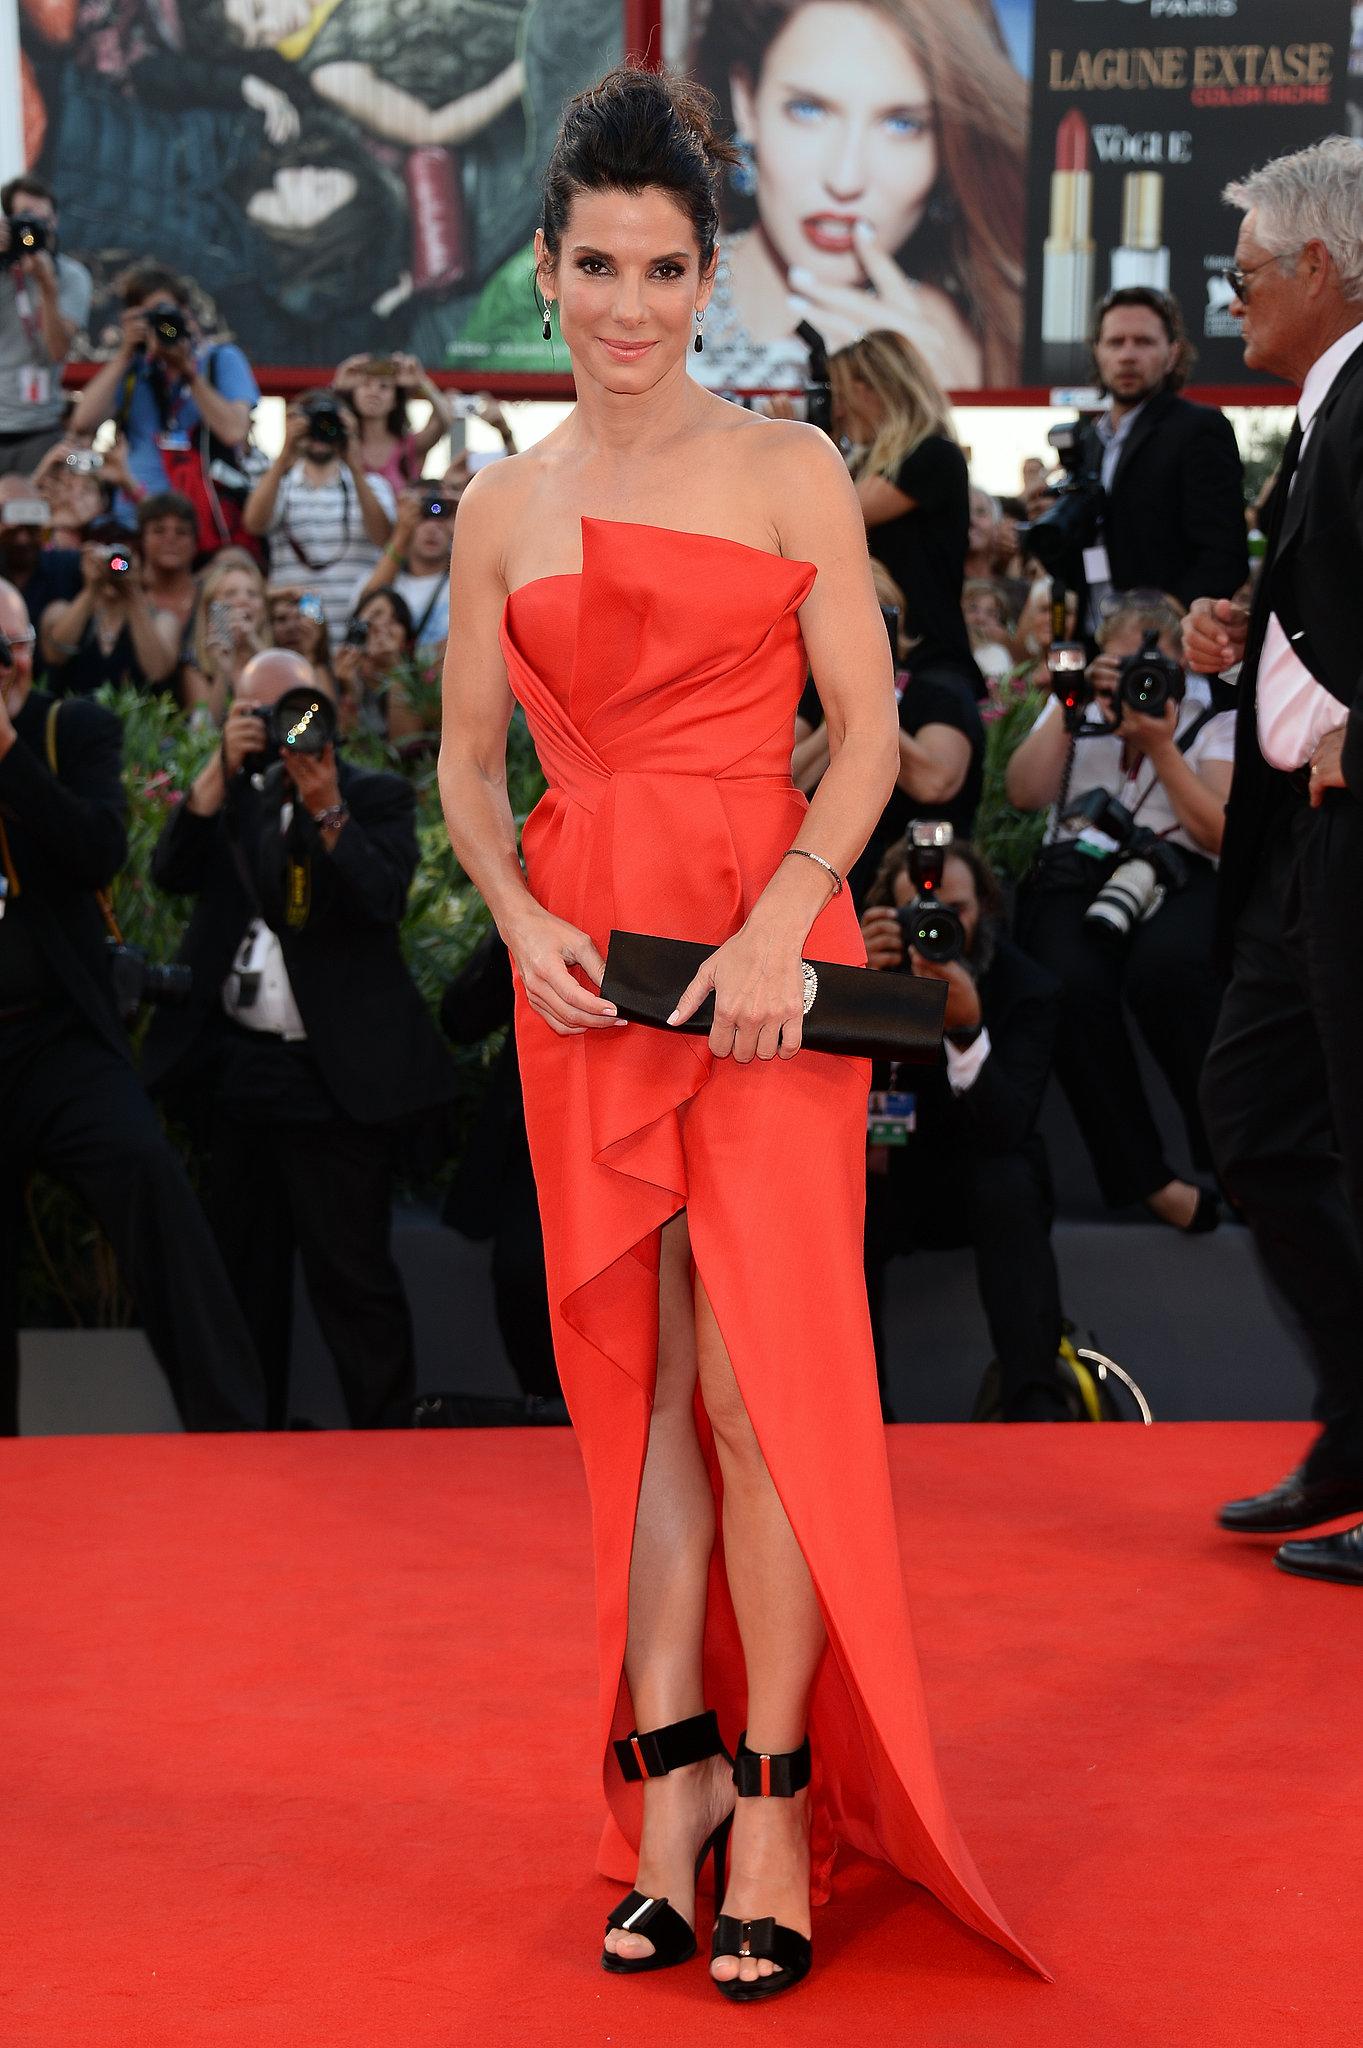 Sandra Bullock in J. Mendel at the Venice Film Festival